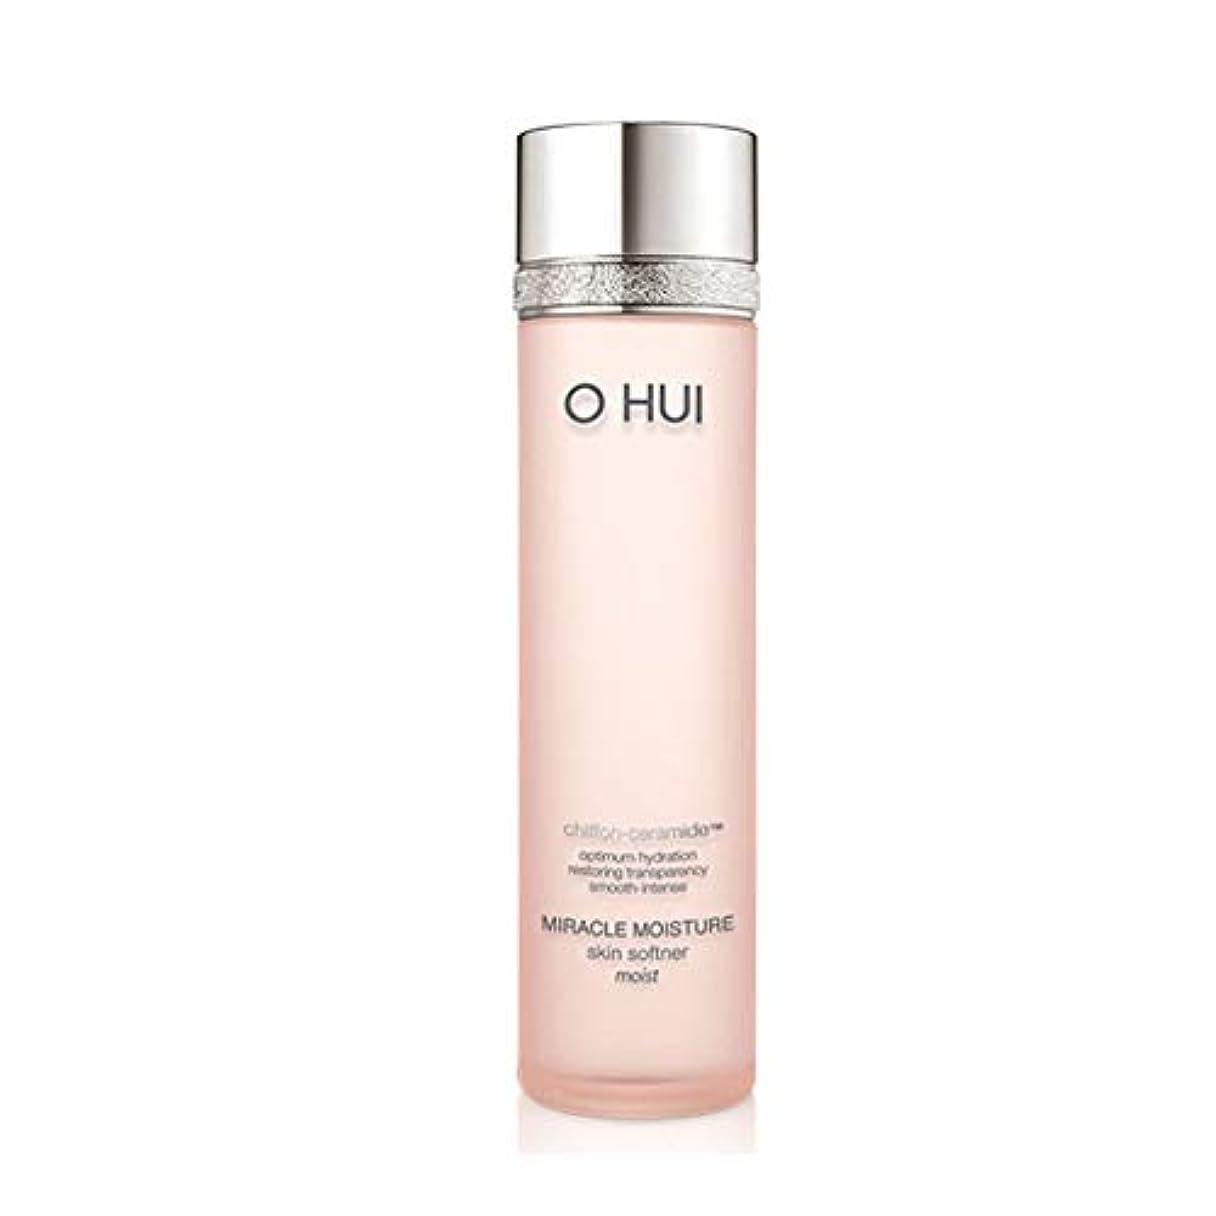 電気植木類人猿オフィミラクルモイスチャースキンソフナー150ml、O Hui Miracle Moisture Skin Softener 150ml [並行輸入品]